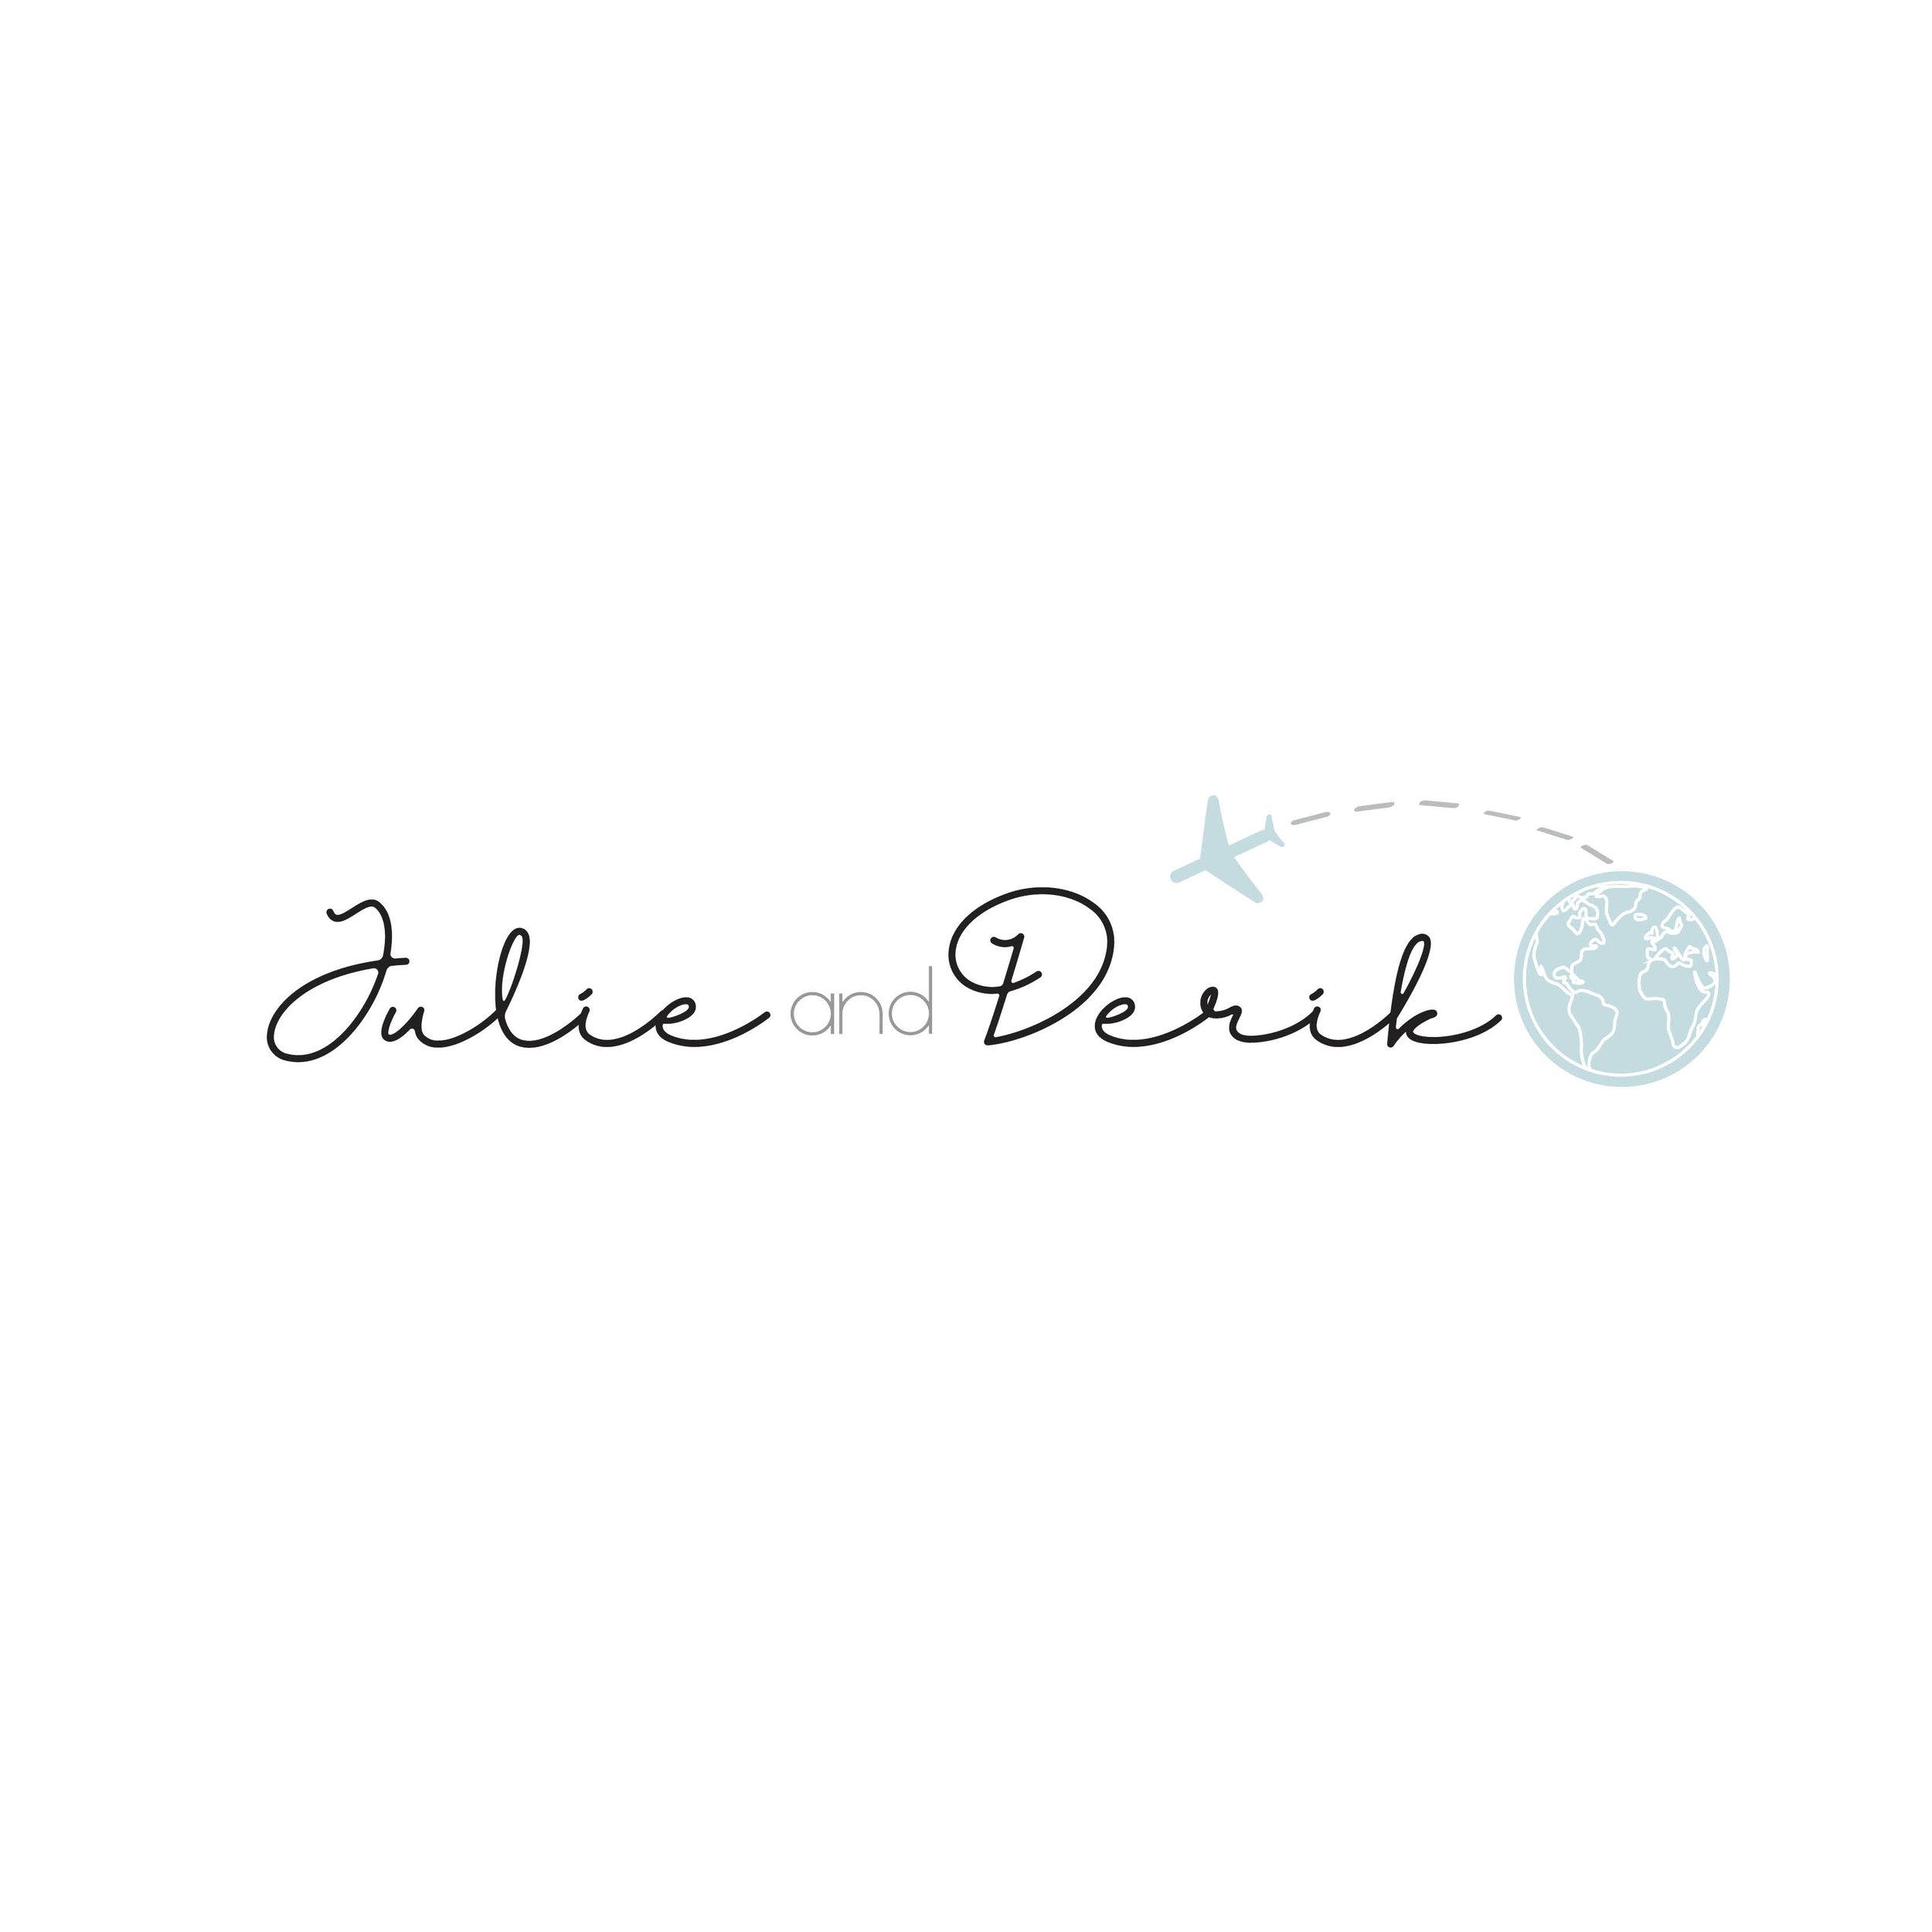 JulieandDerik-Brand.jpg